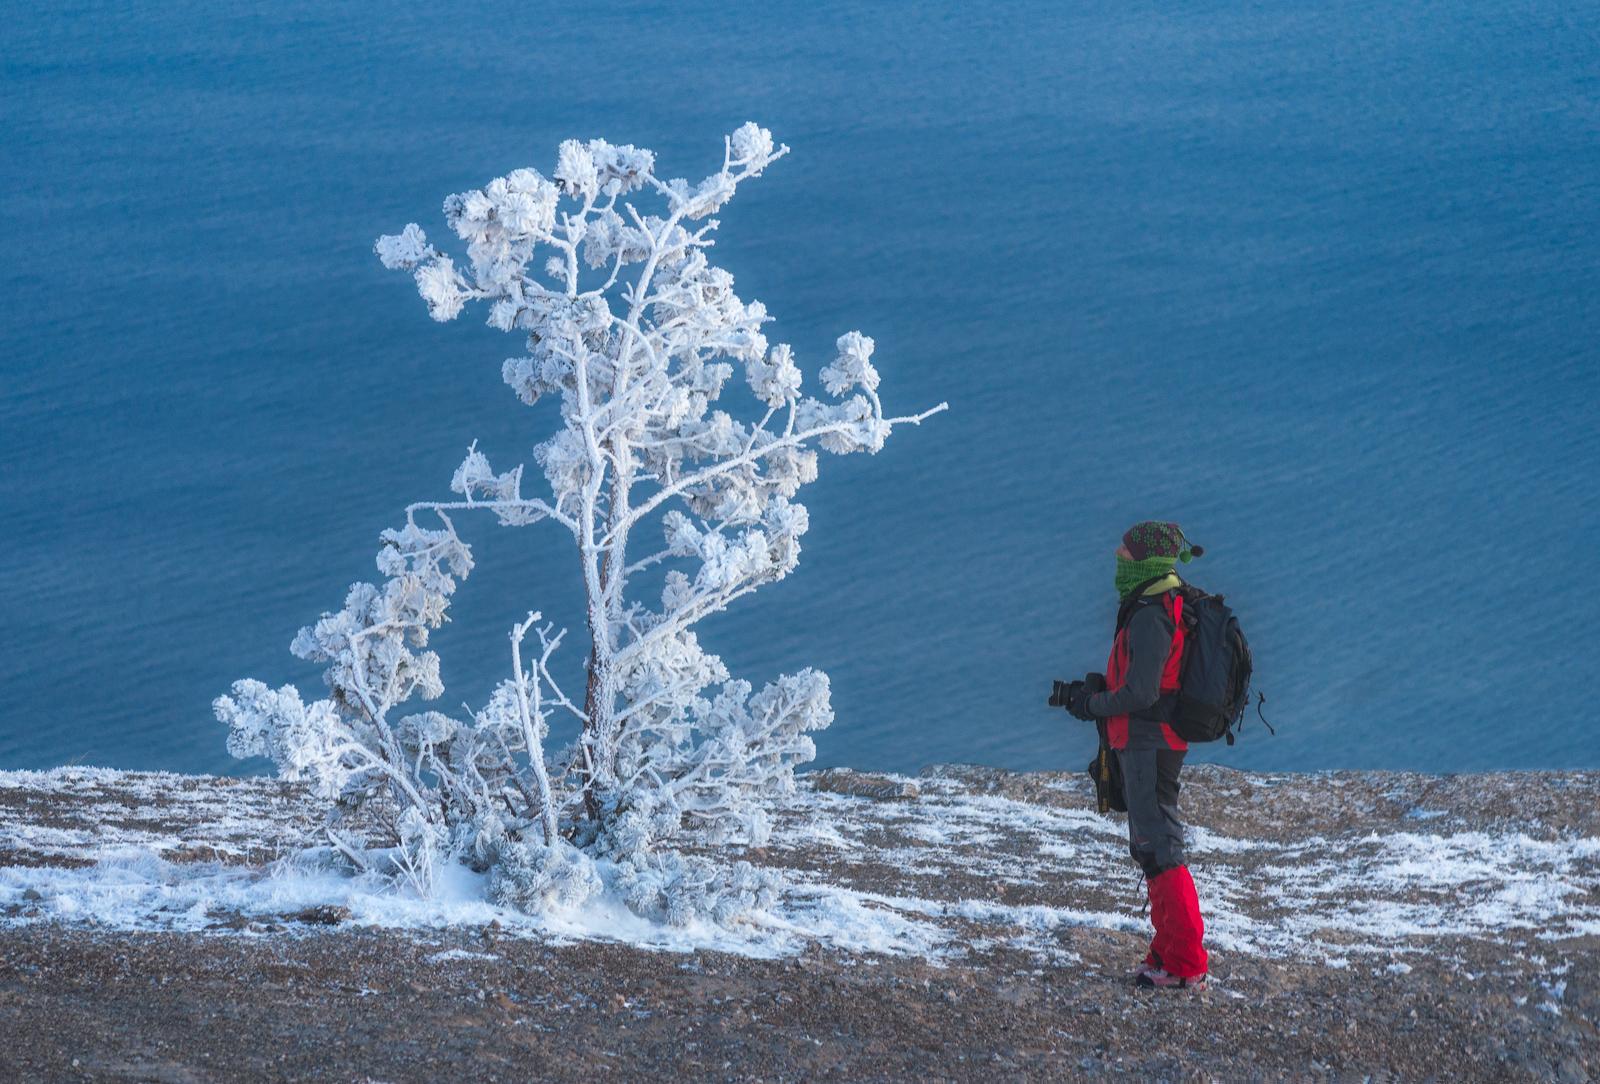 зима в крыму прикольные картинки когда бегу тренировку